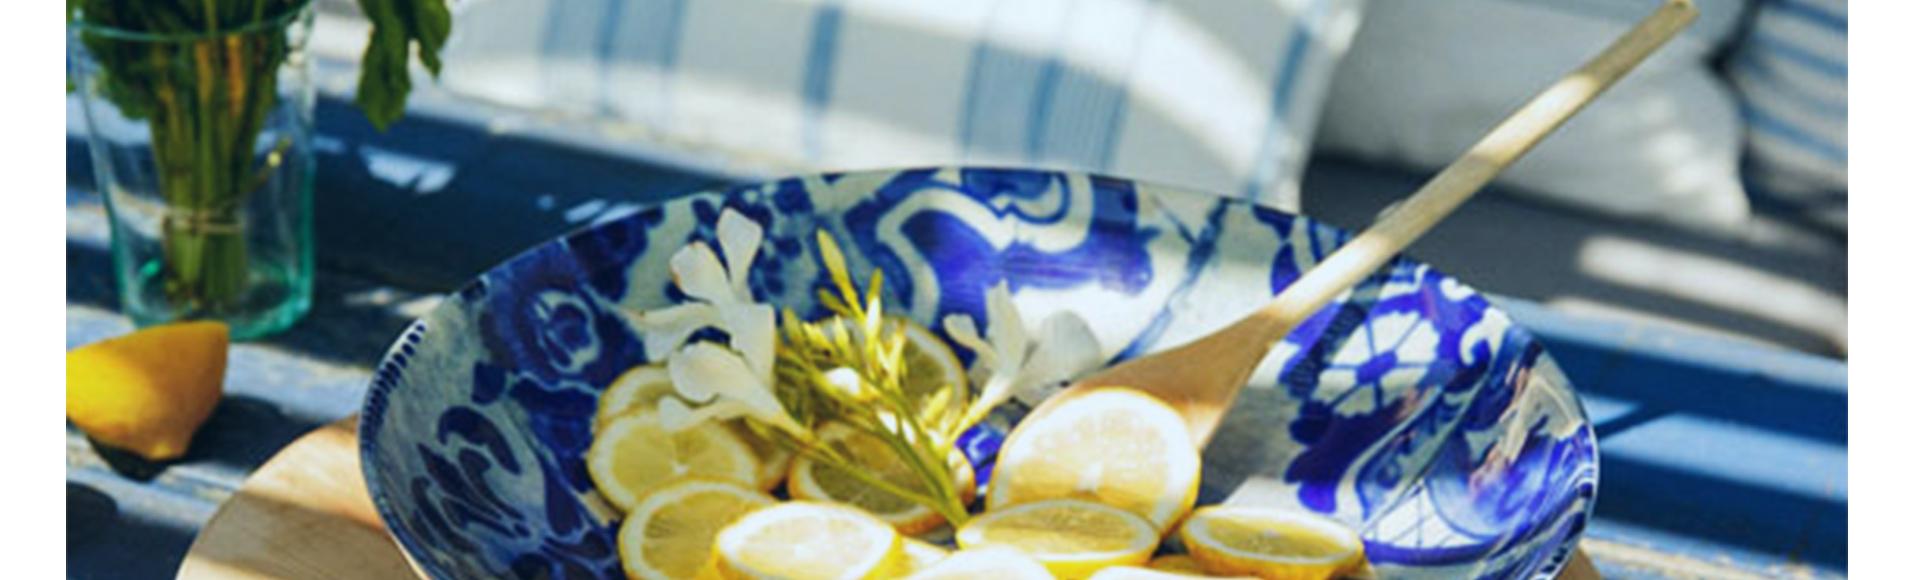 18・19世紀のポルトガルタイル、アズレージョにインスパイアされて生まれたリスボンシリーズ。青と白のシンプルな色味と、どこかエキゾチックな香りが魅力です。